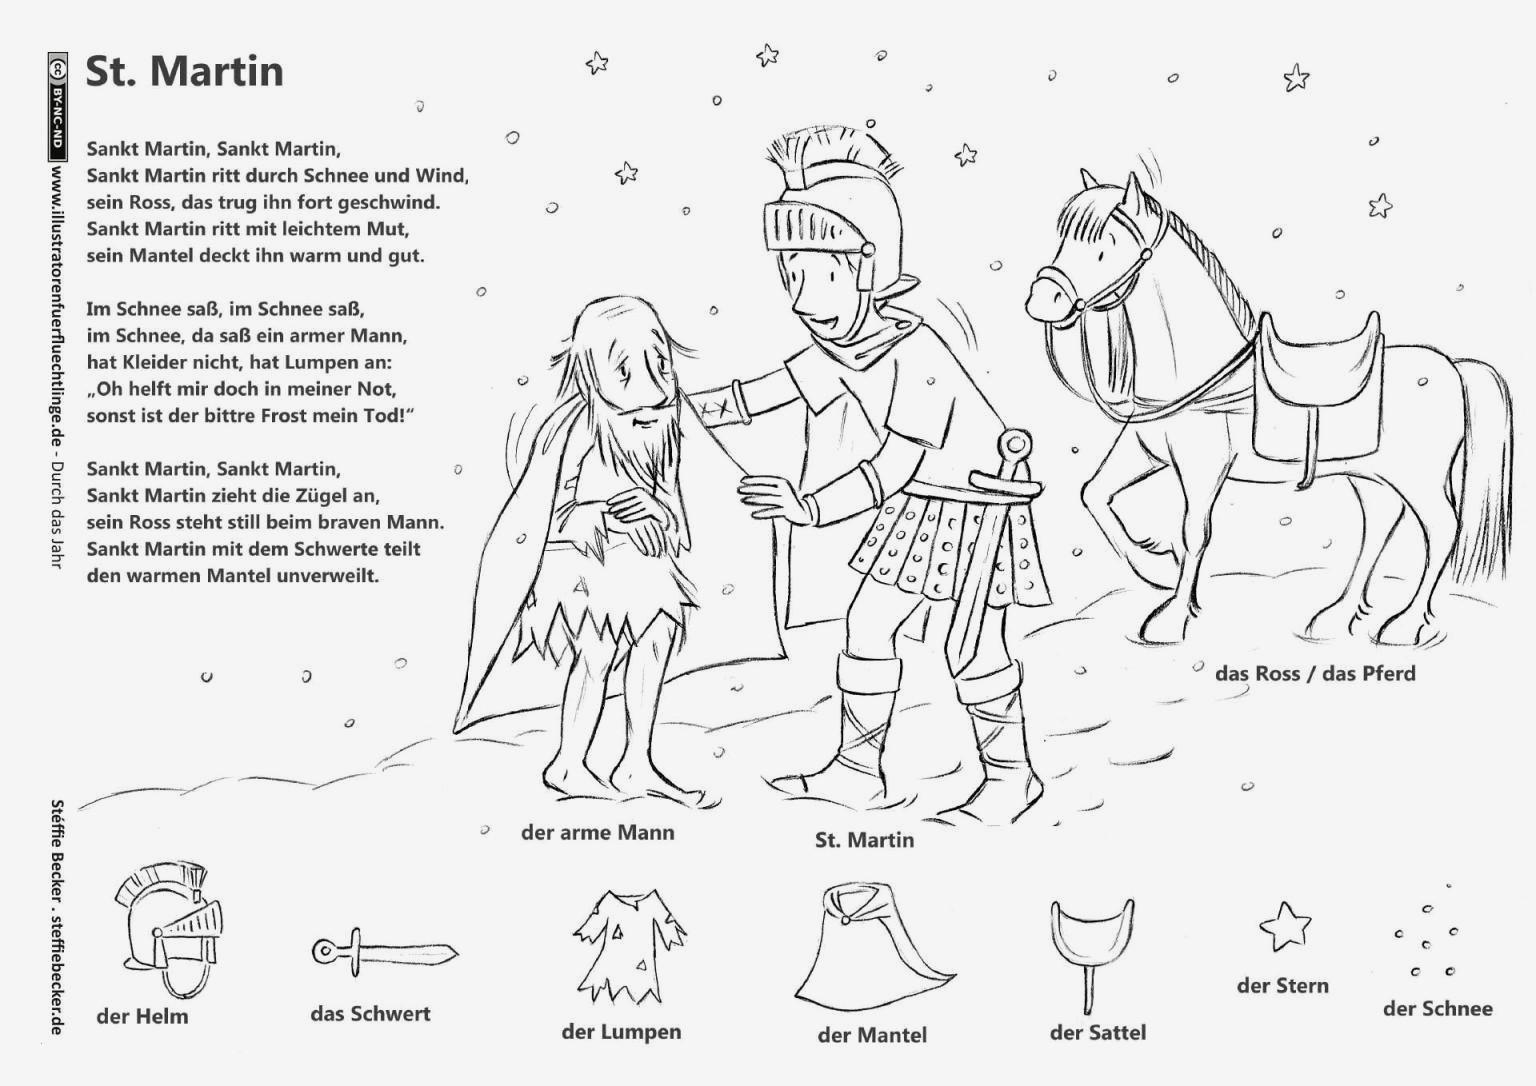 Malvorlagen Prinzessin Lillifee Frisch Einhorn Malvorlage Kinder Spannende Coloring Bilder Prinzessin Bilder